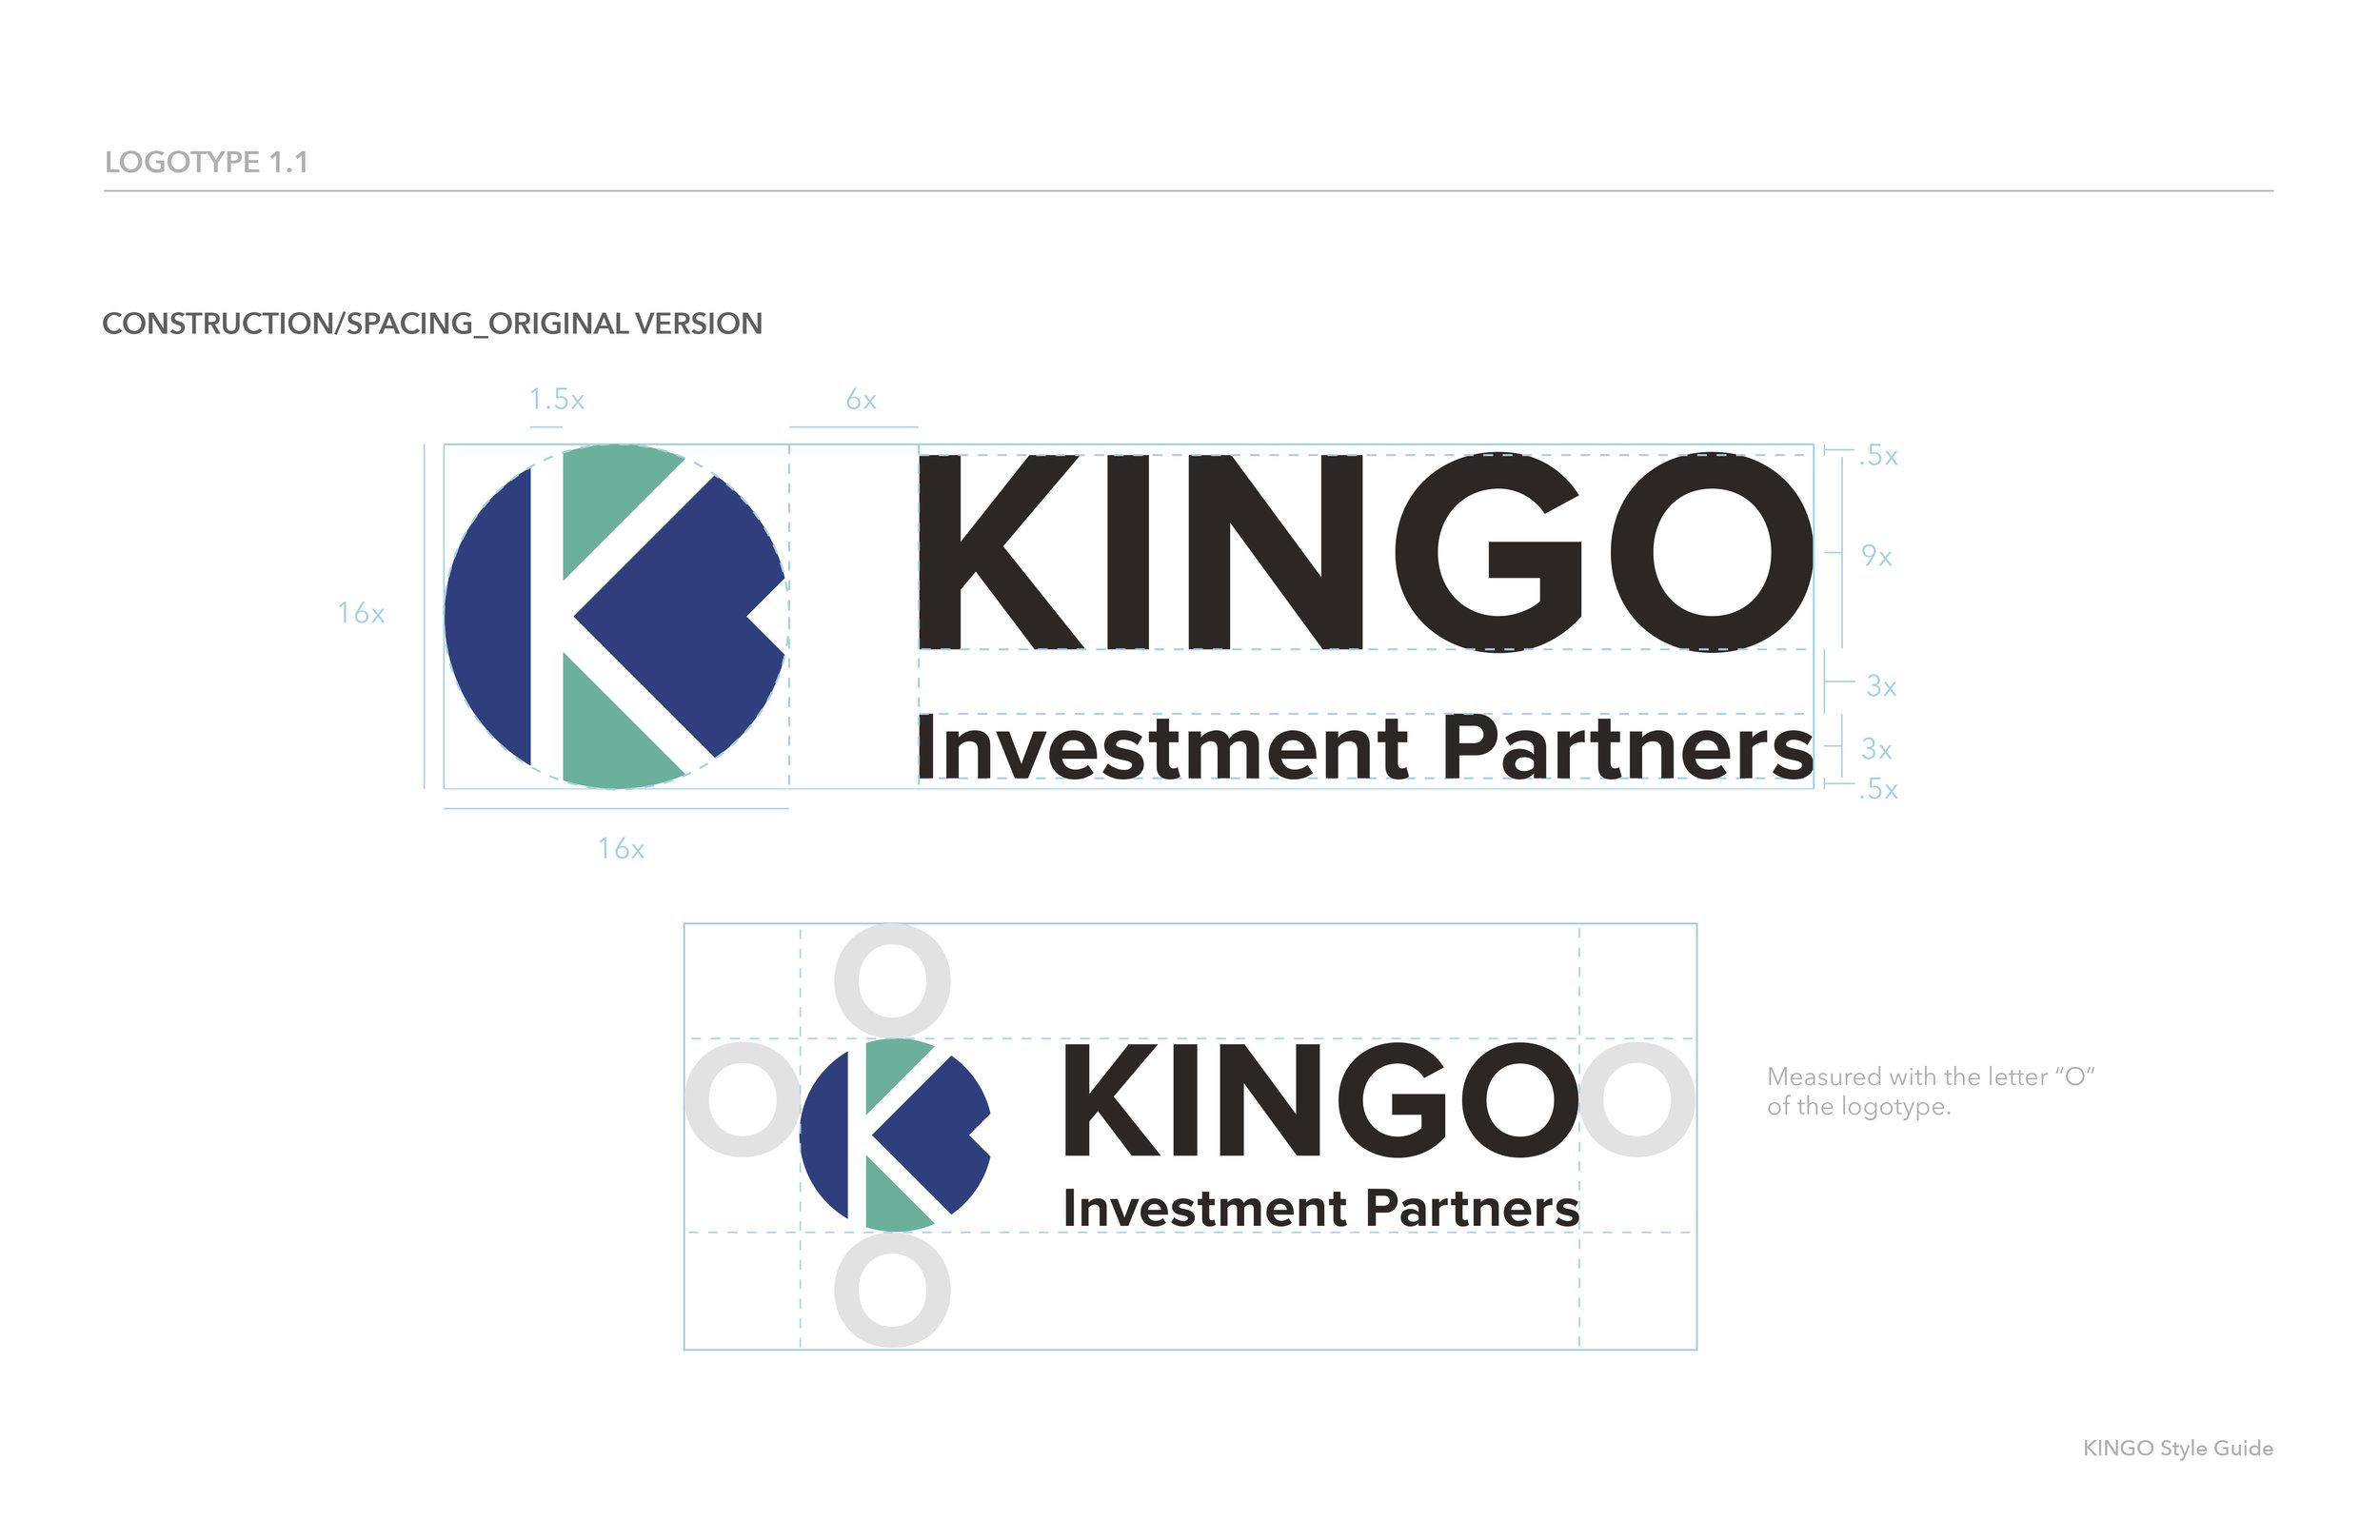 Kingo Design Guideline-3.jpg